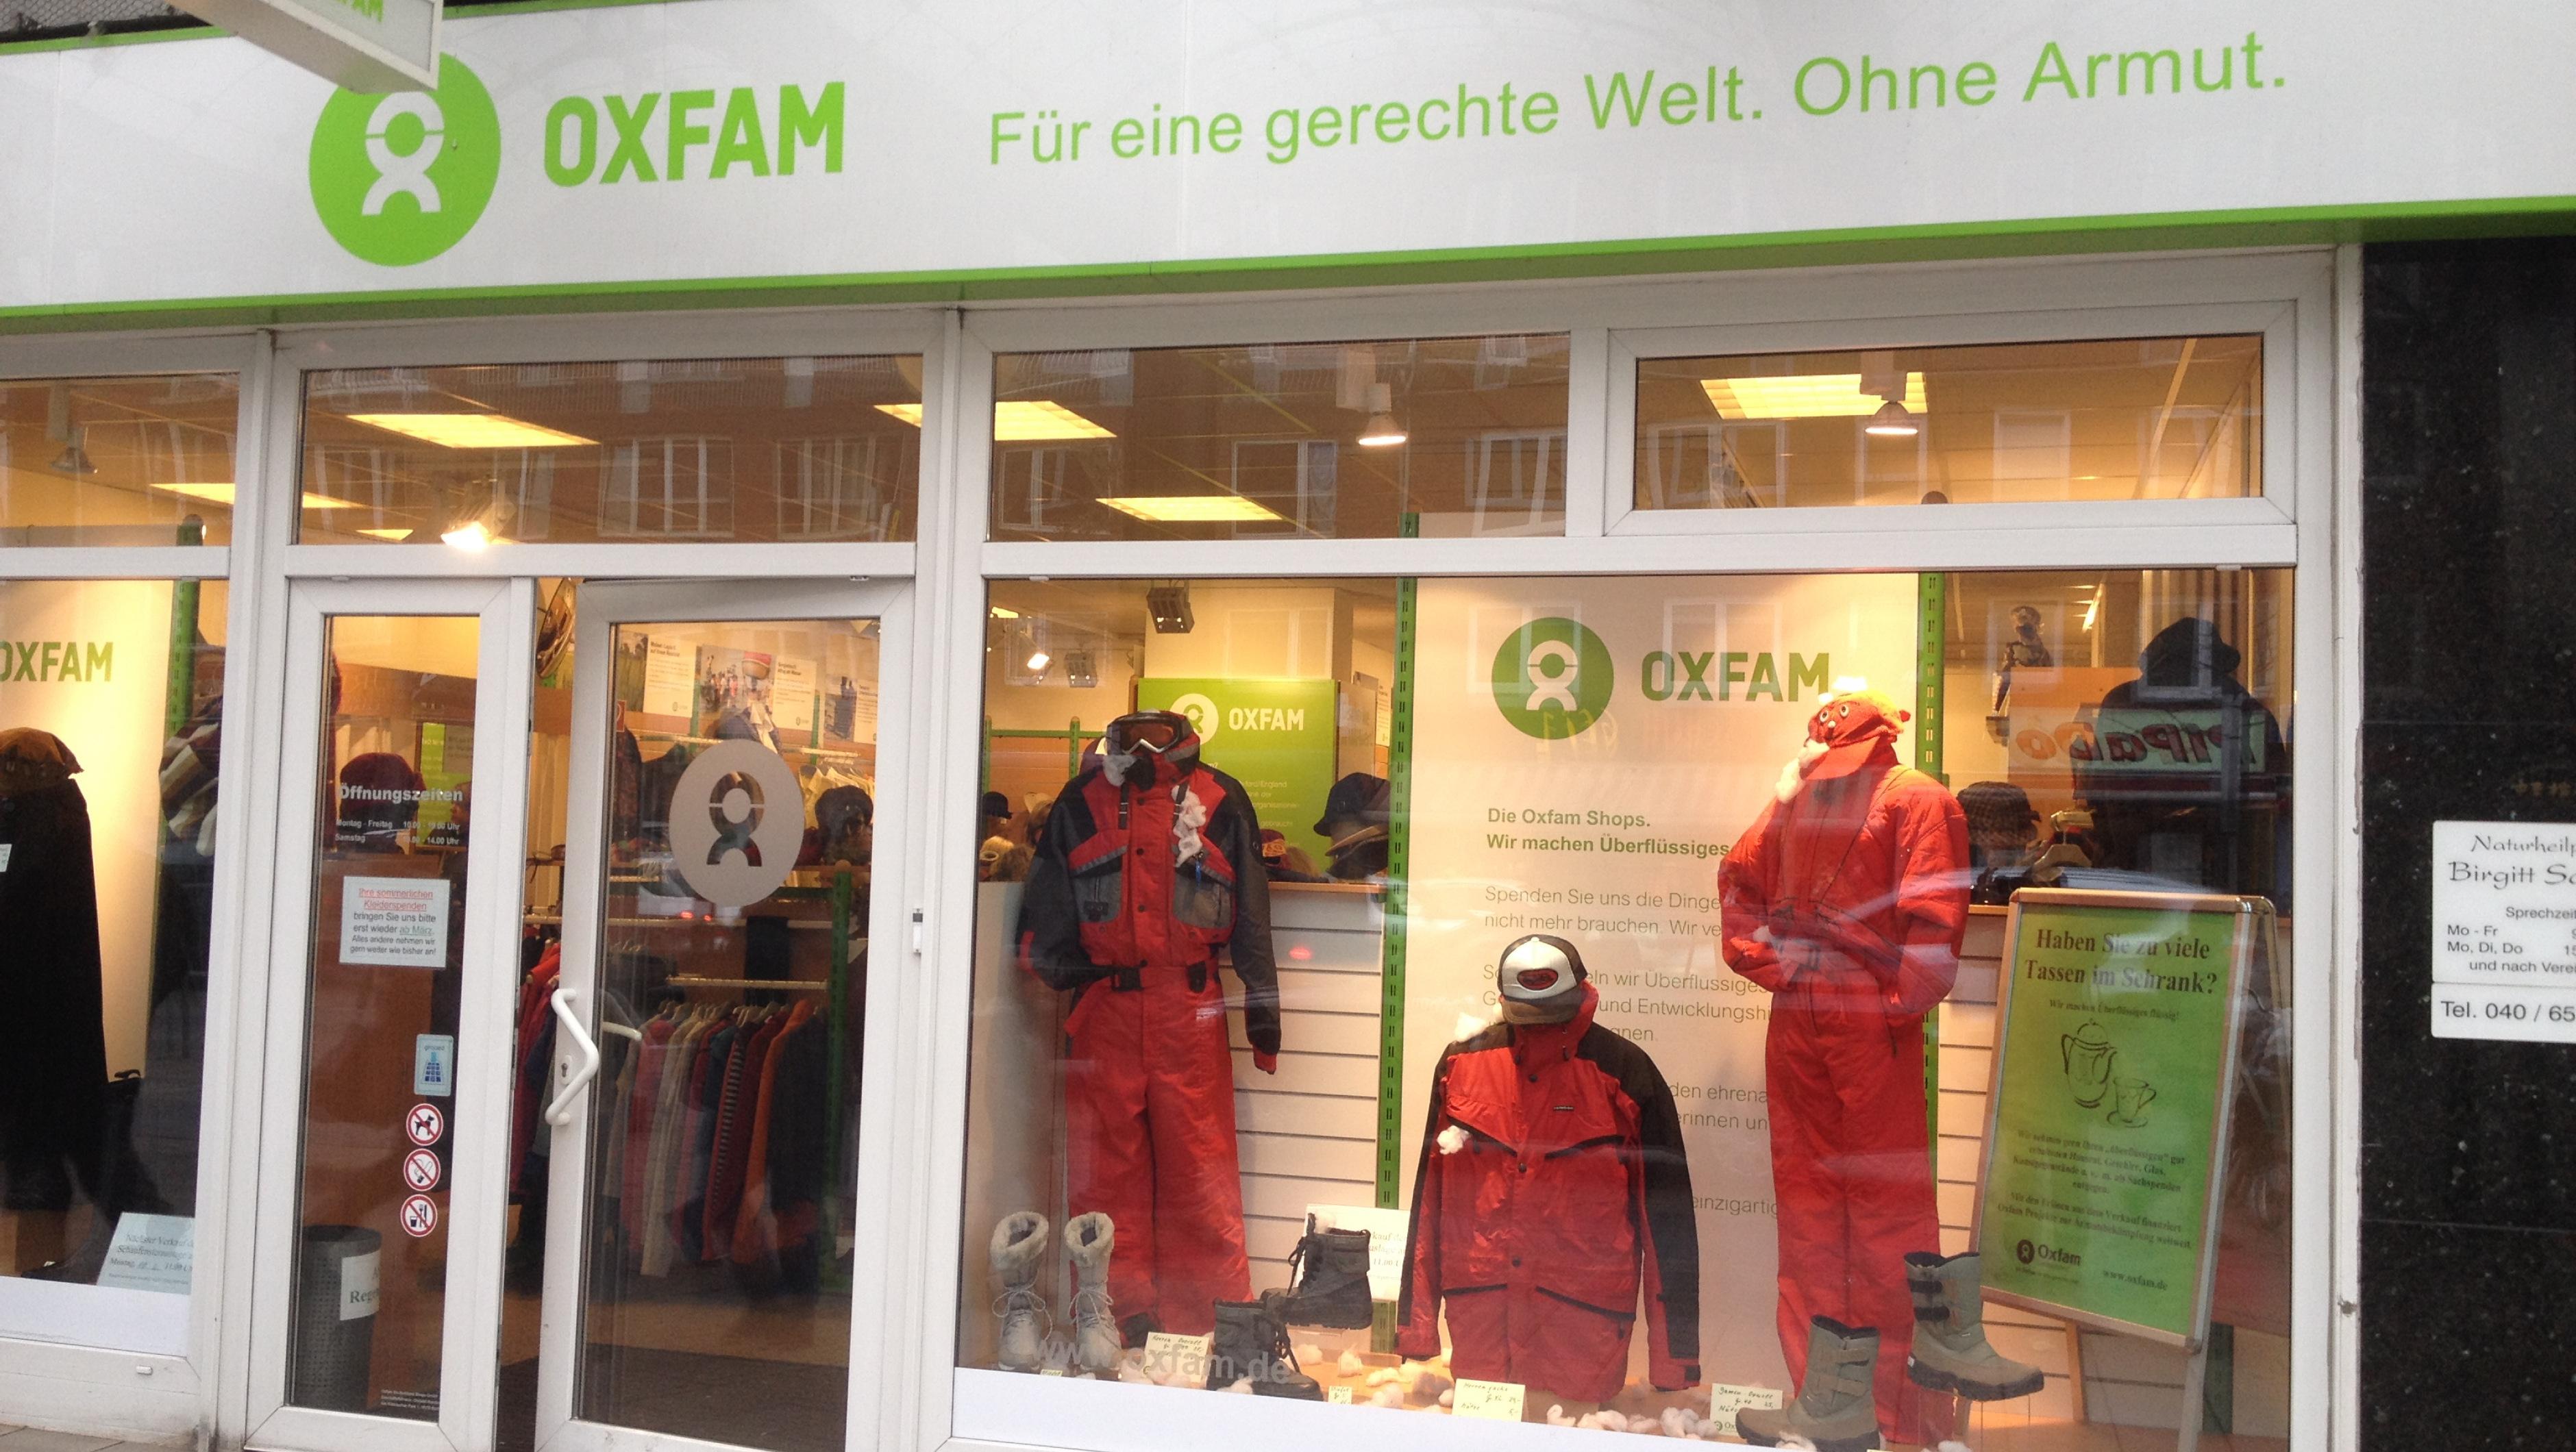 Oxfam Shop Hamburg-Wandsbek – Außenansicht